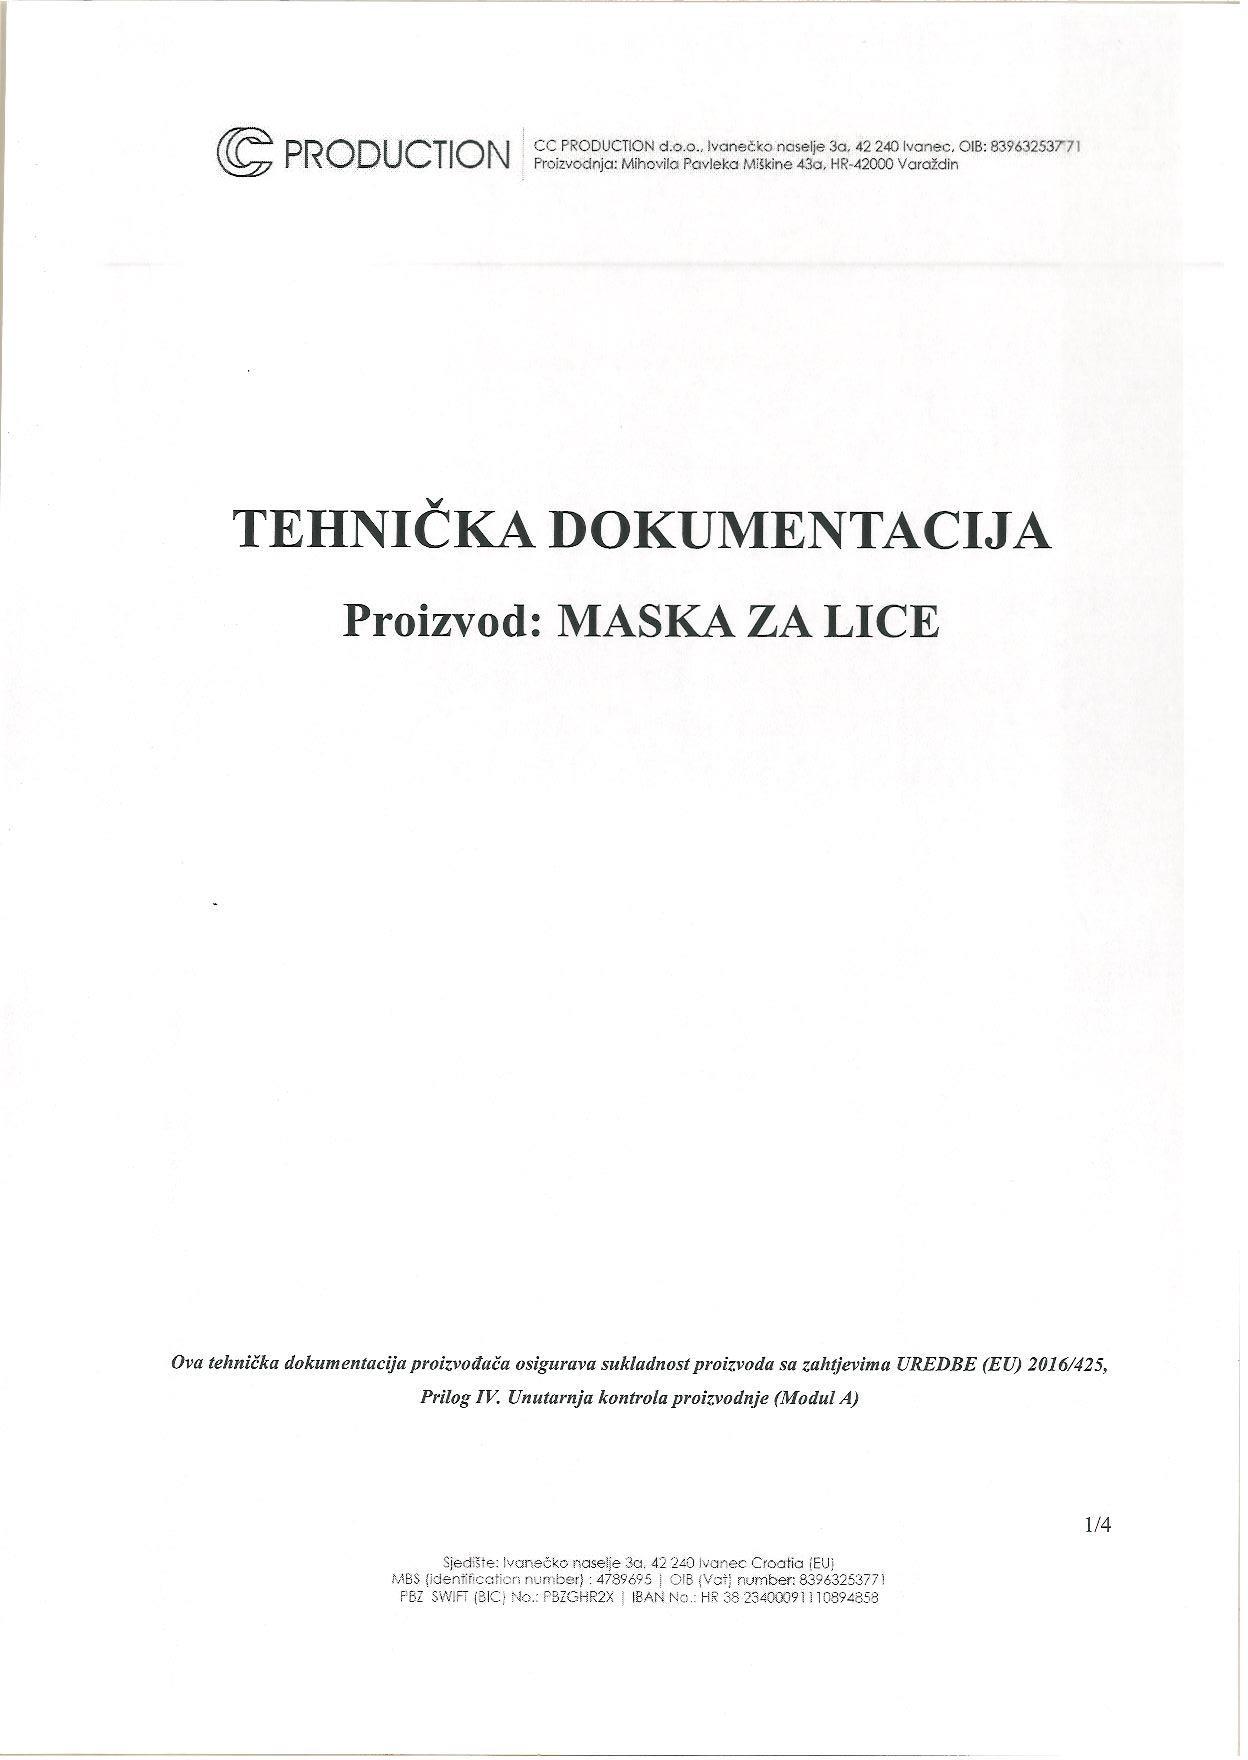 Certifikat - pamučna maska za lice od medicinskog pamuka - 10 komada u pakiranju